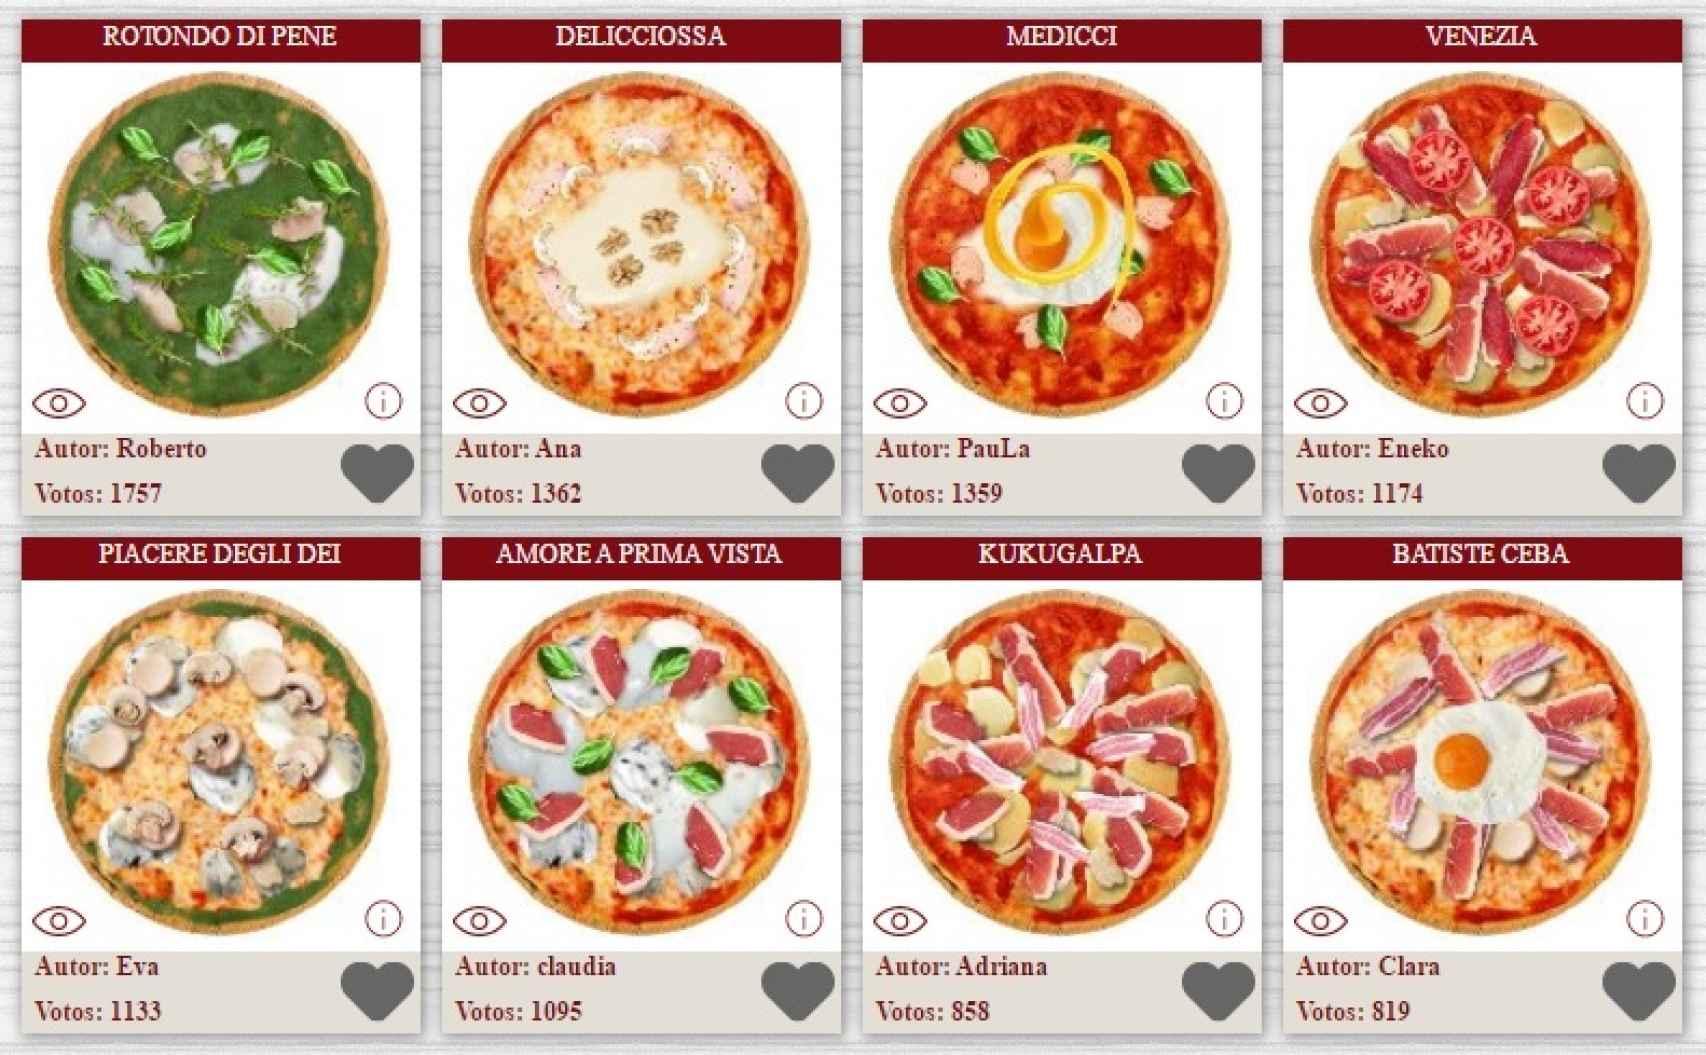 La pizza 'Rotondo di pene', en primer lugar en el concurso de 'La Tagliatella'.